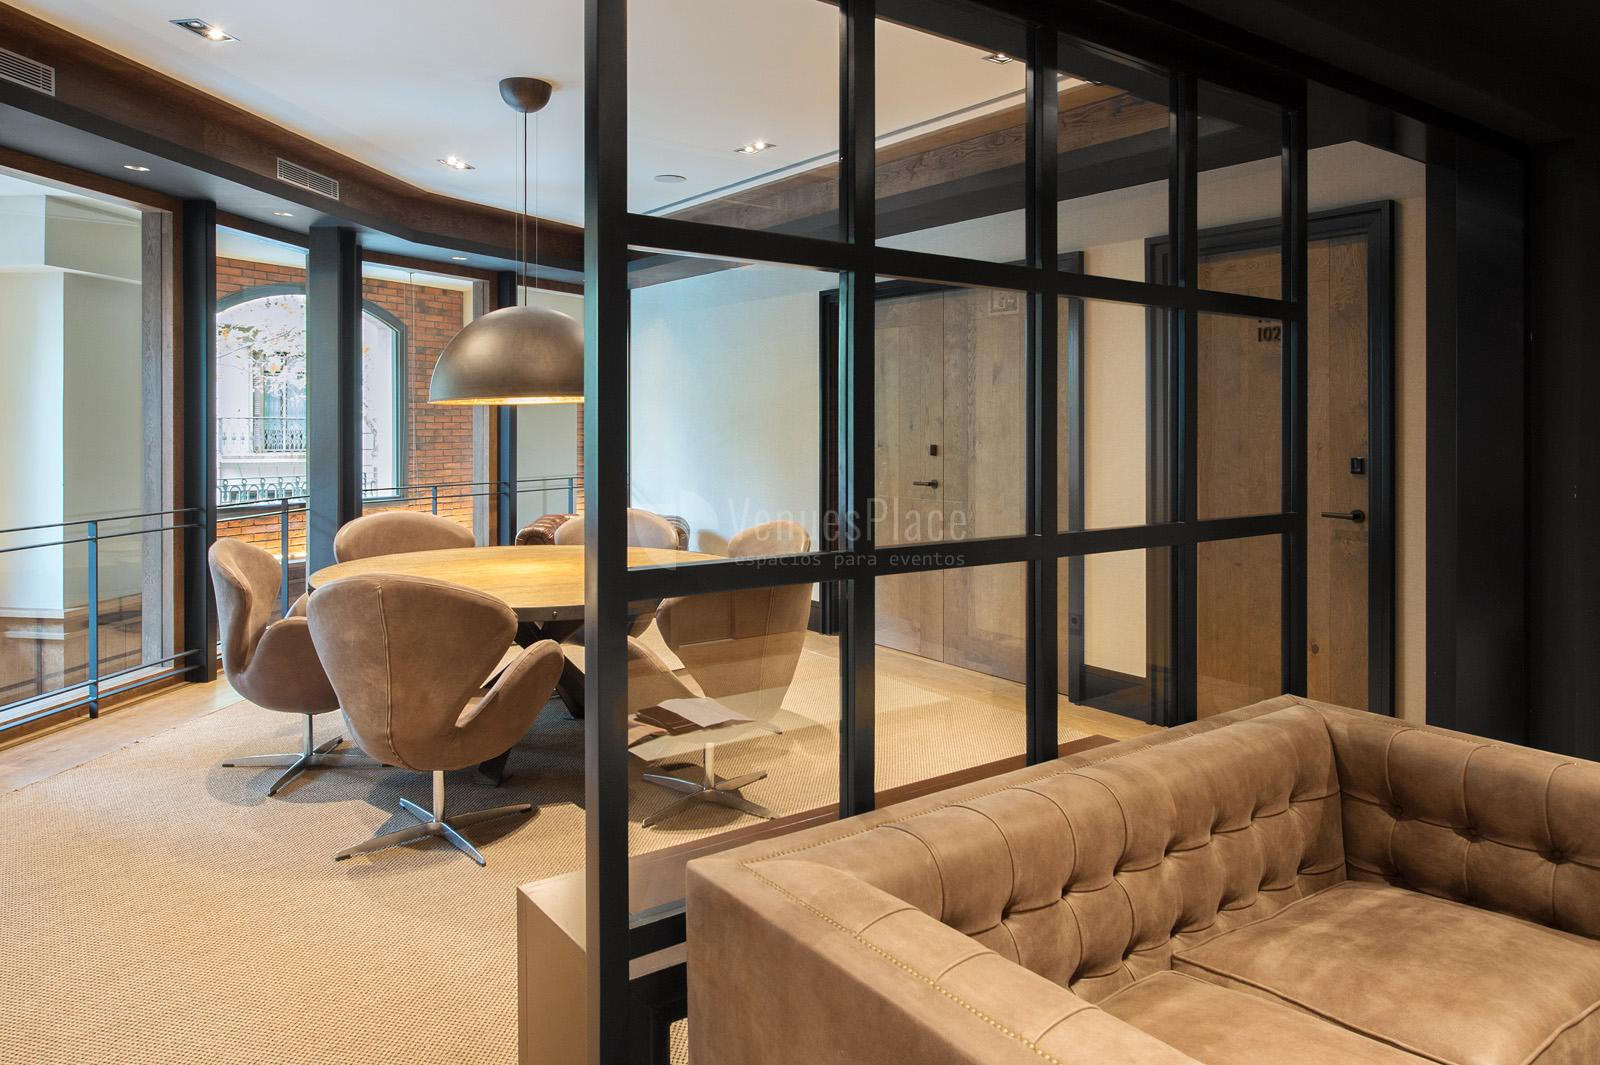 Interior 10 sala de reuniones en The Corner Hotel